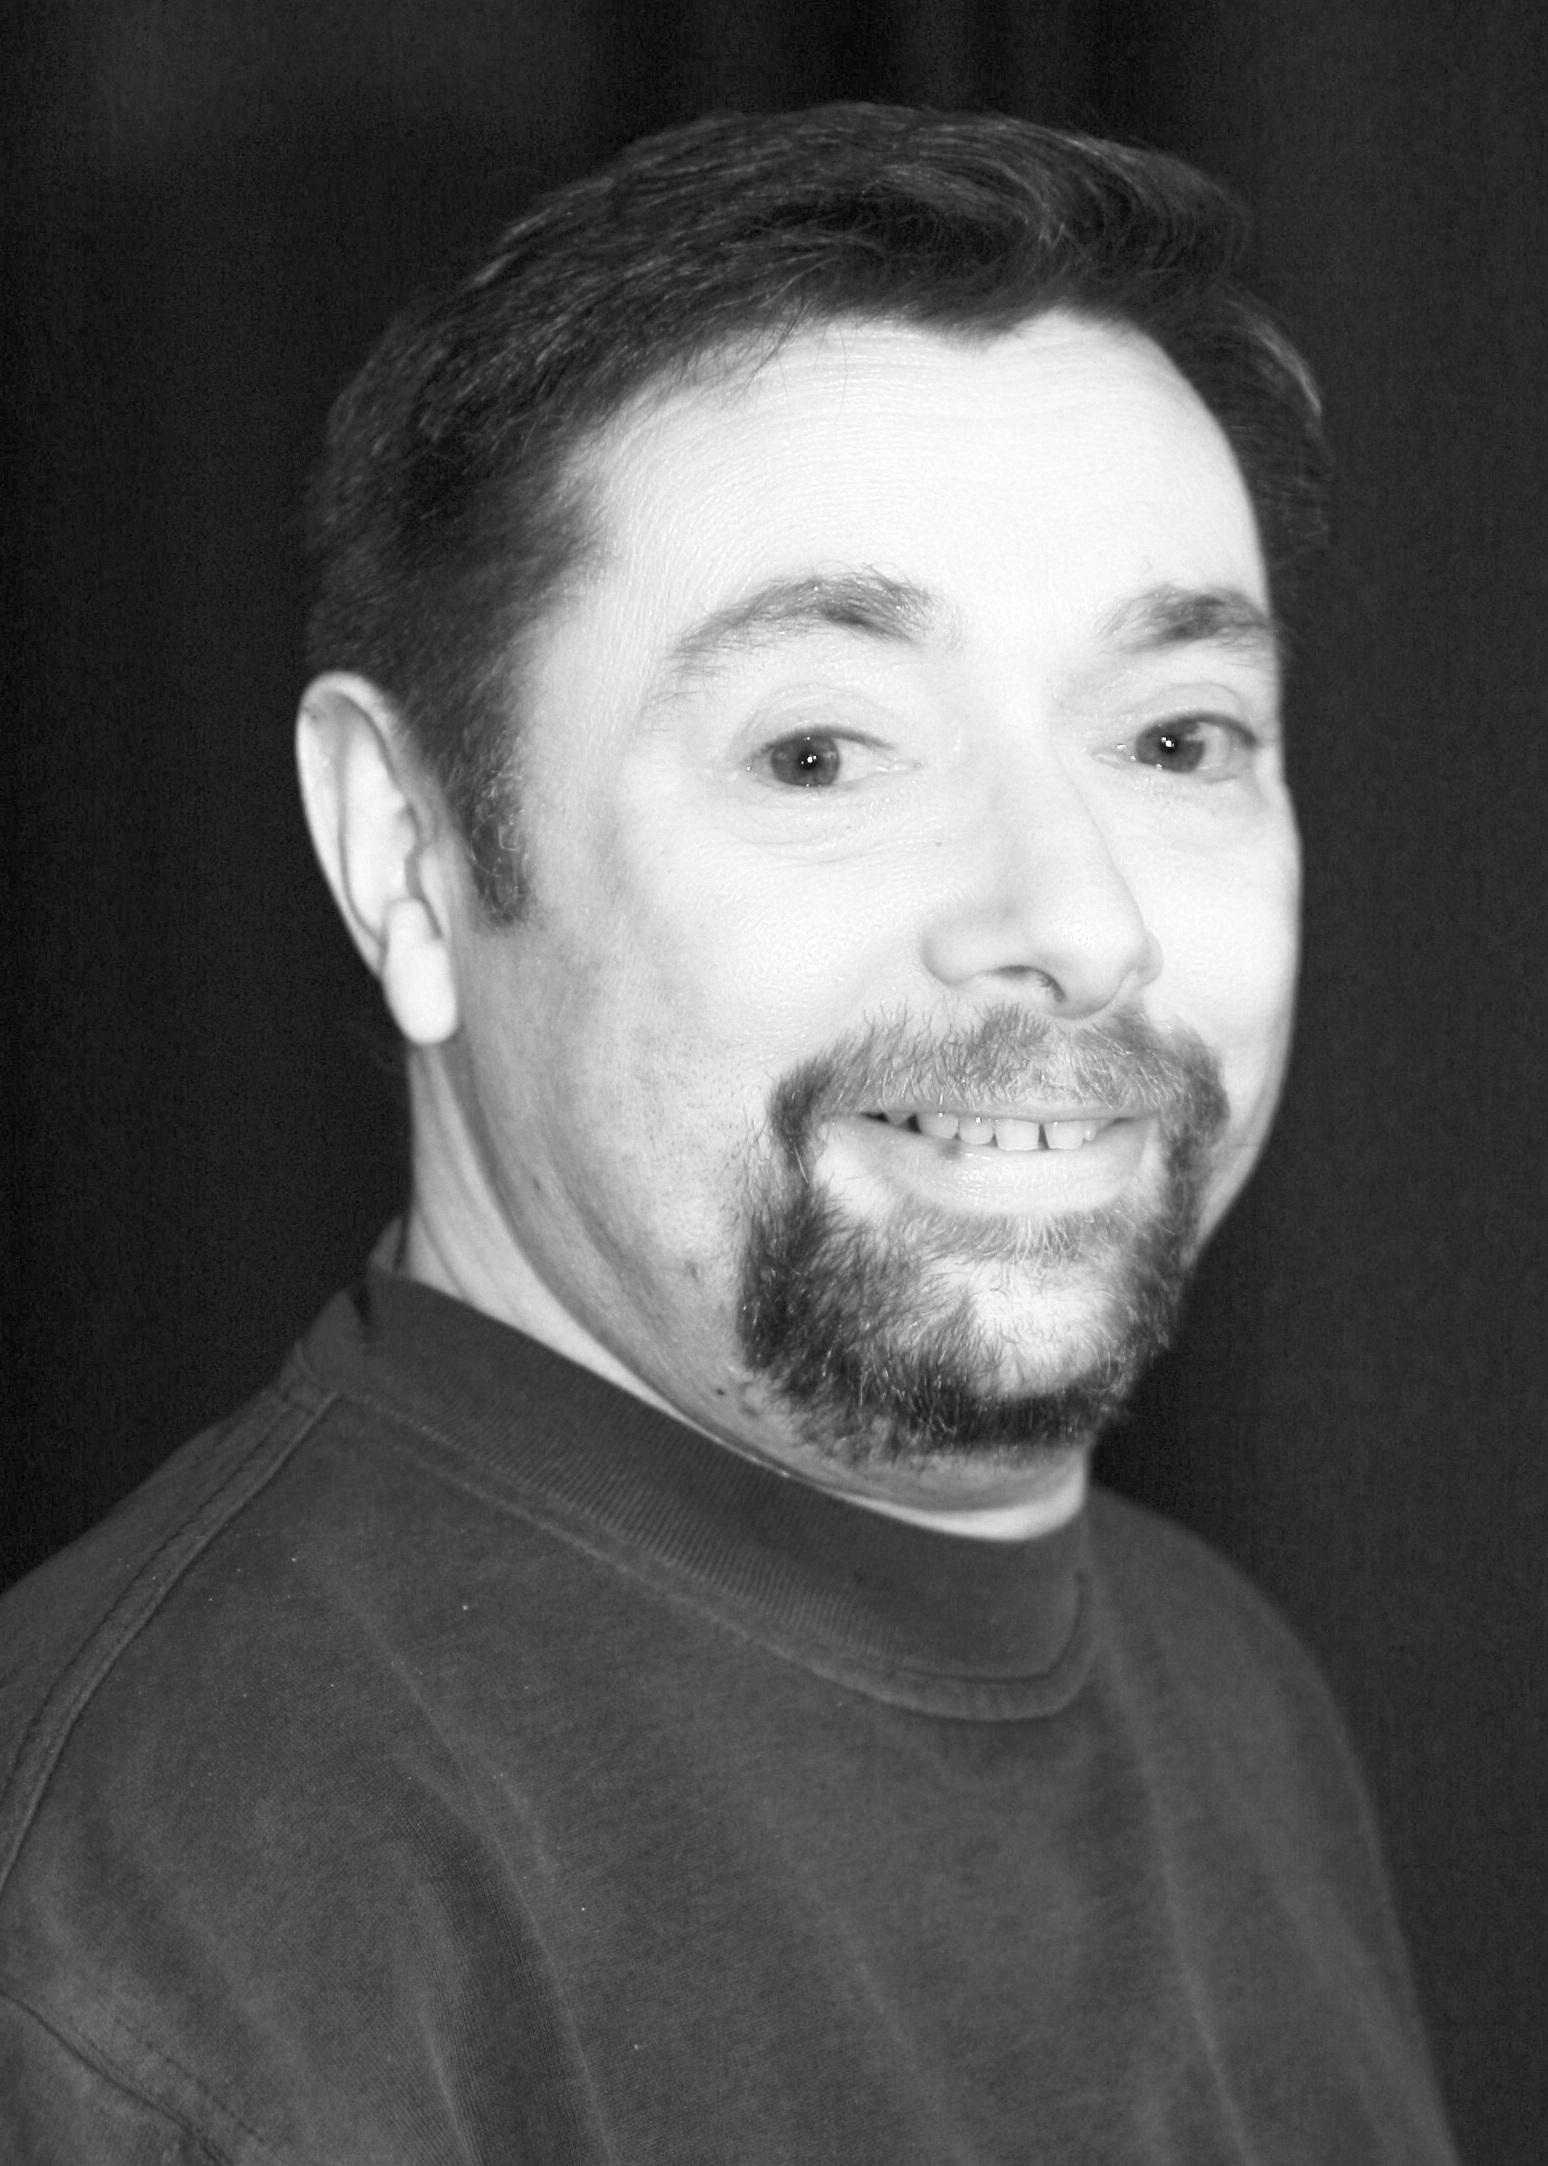 Steve Leanaghan - Saratoga Sam